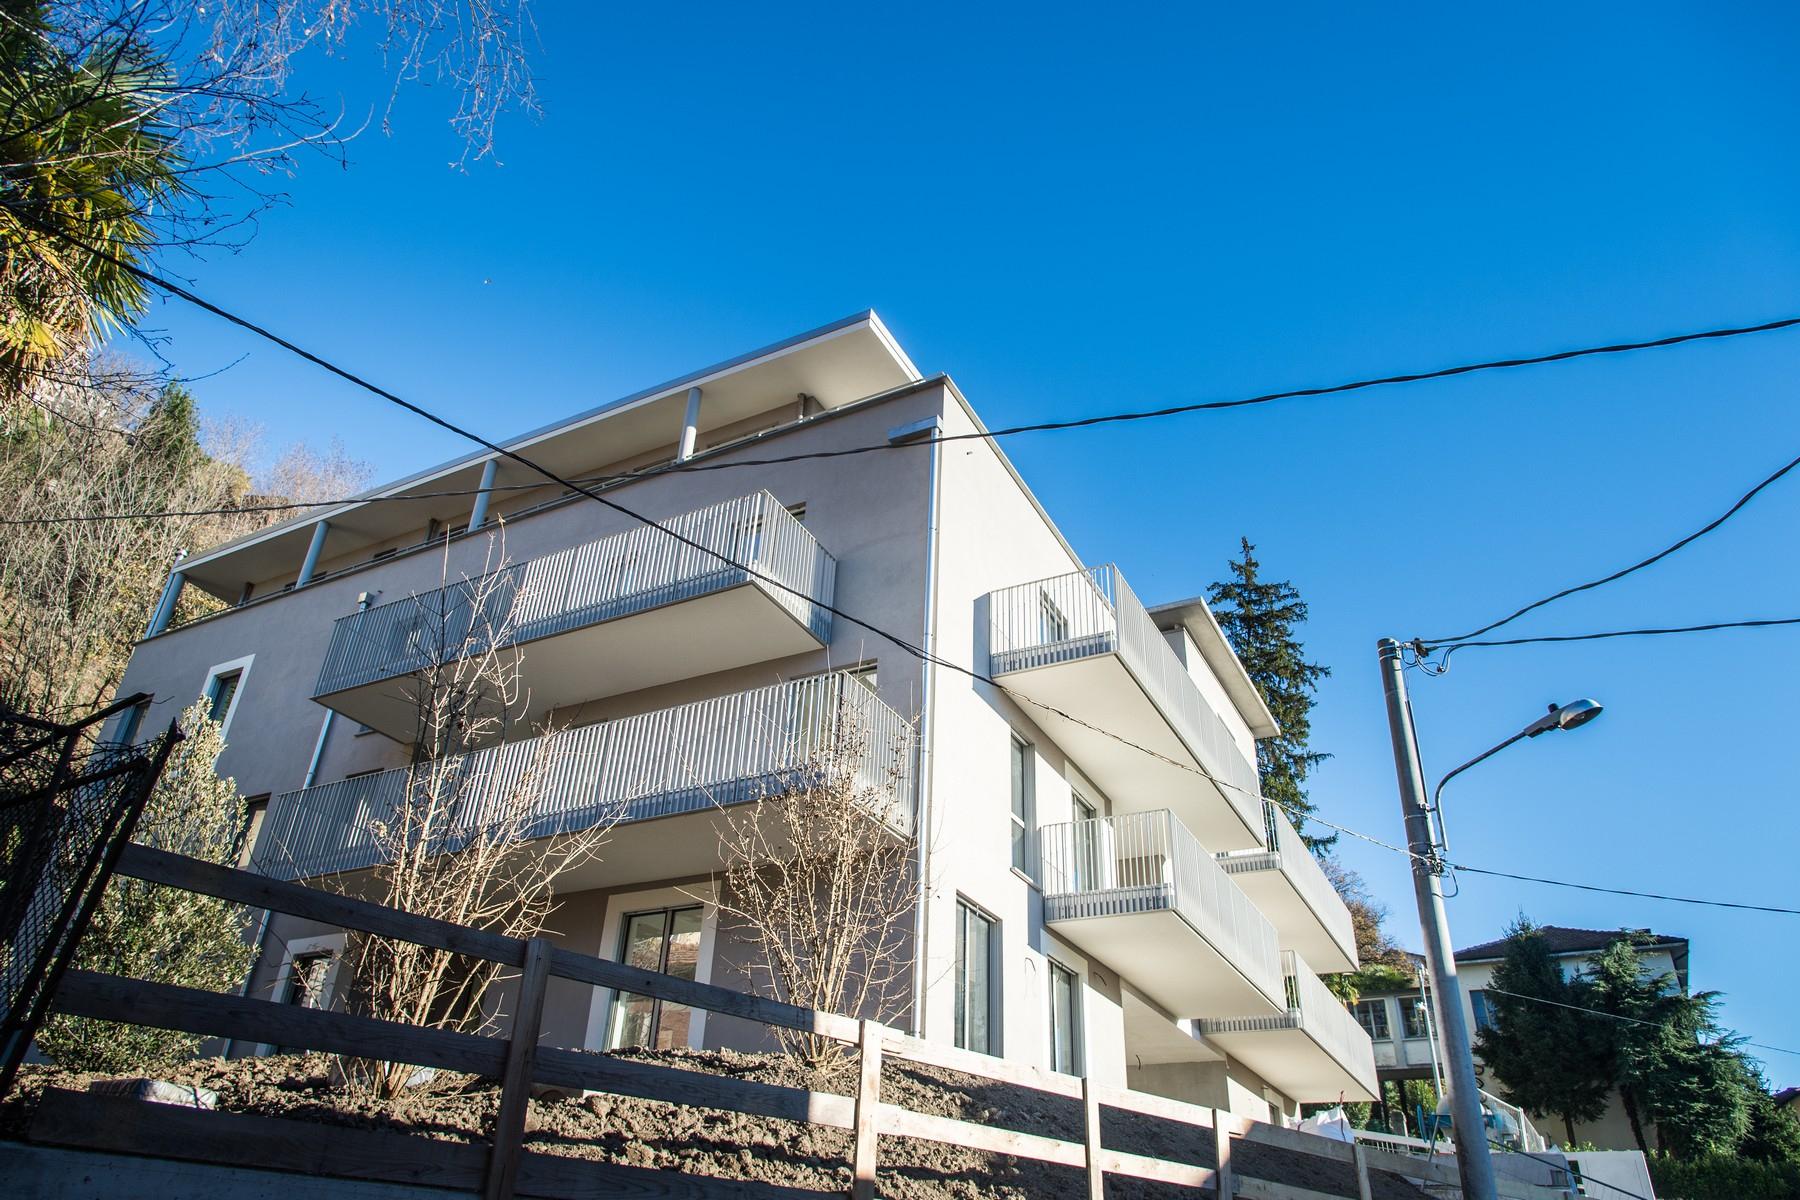 Appartamento in Vendita a Como: 5 locali, 140 mq - Foto 2